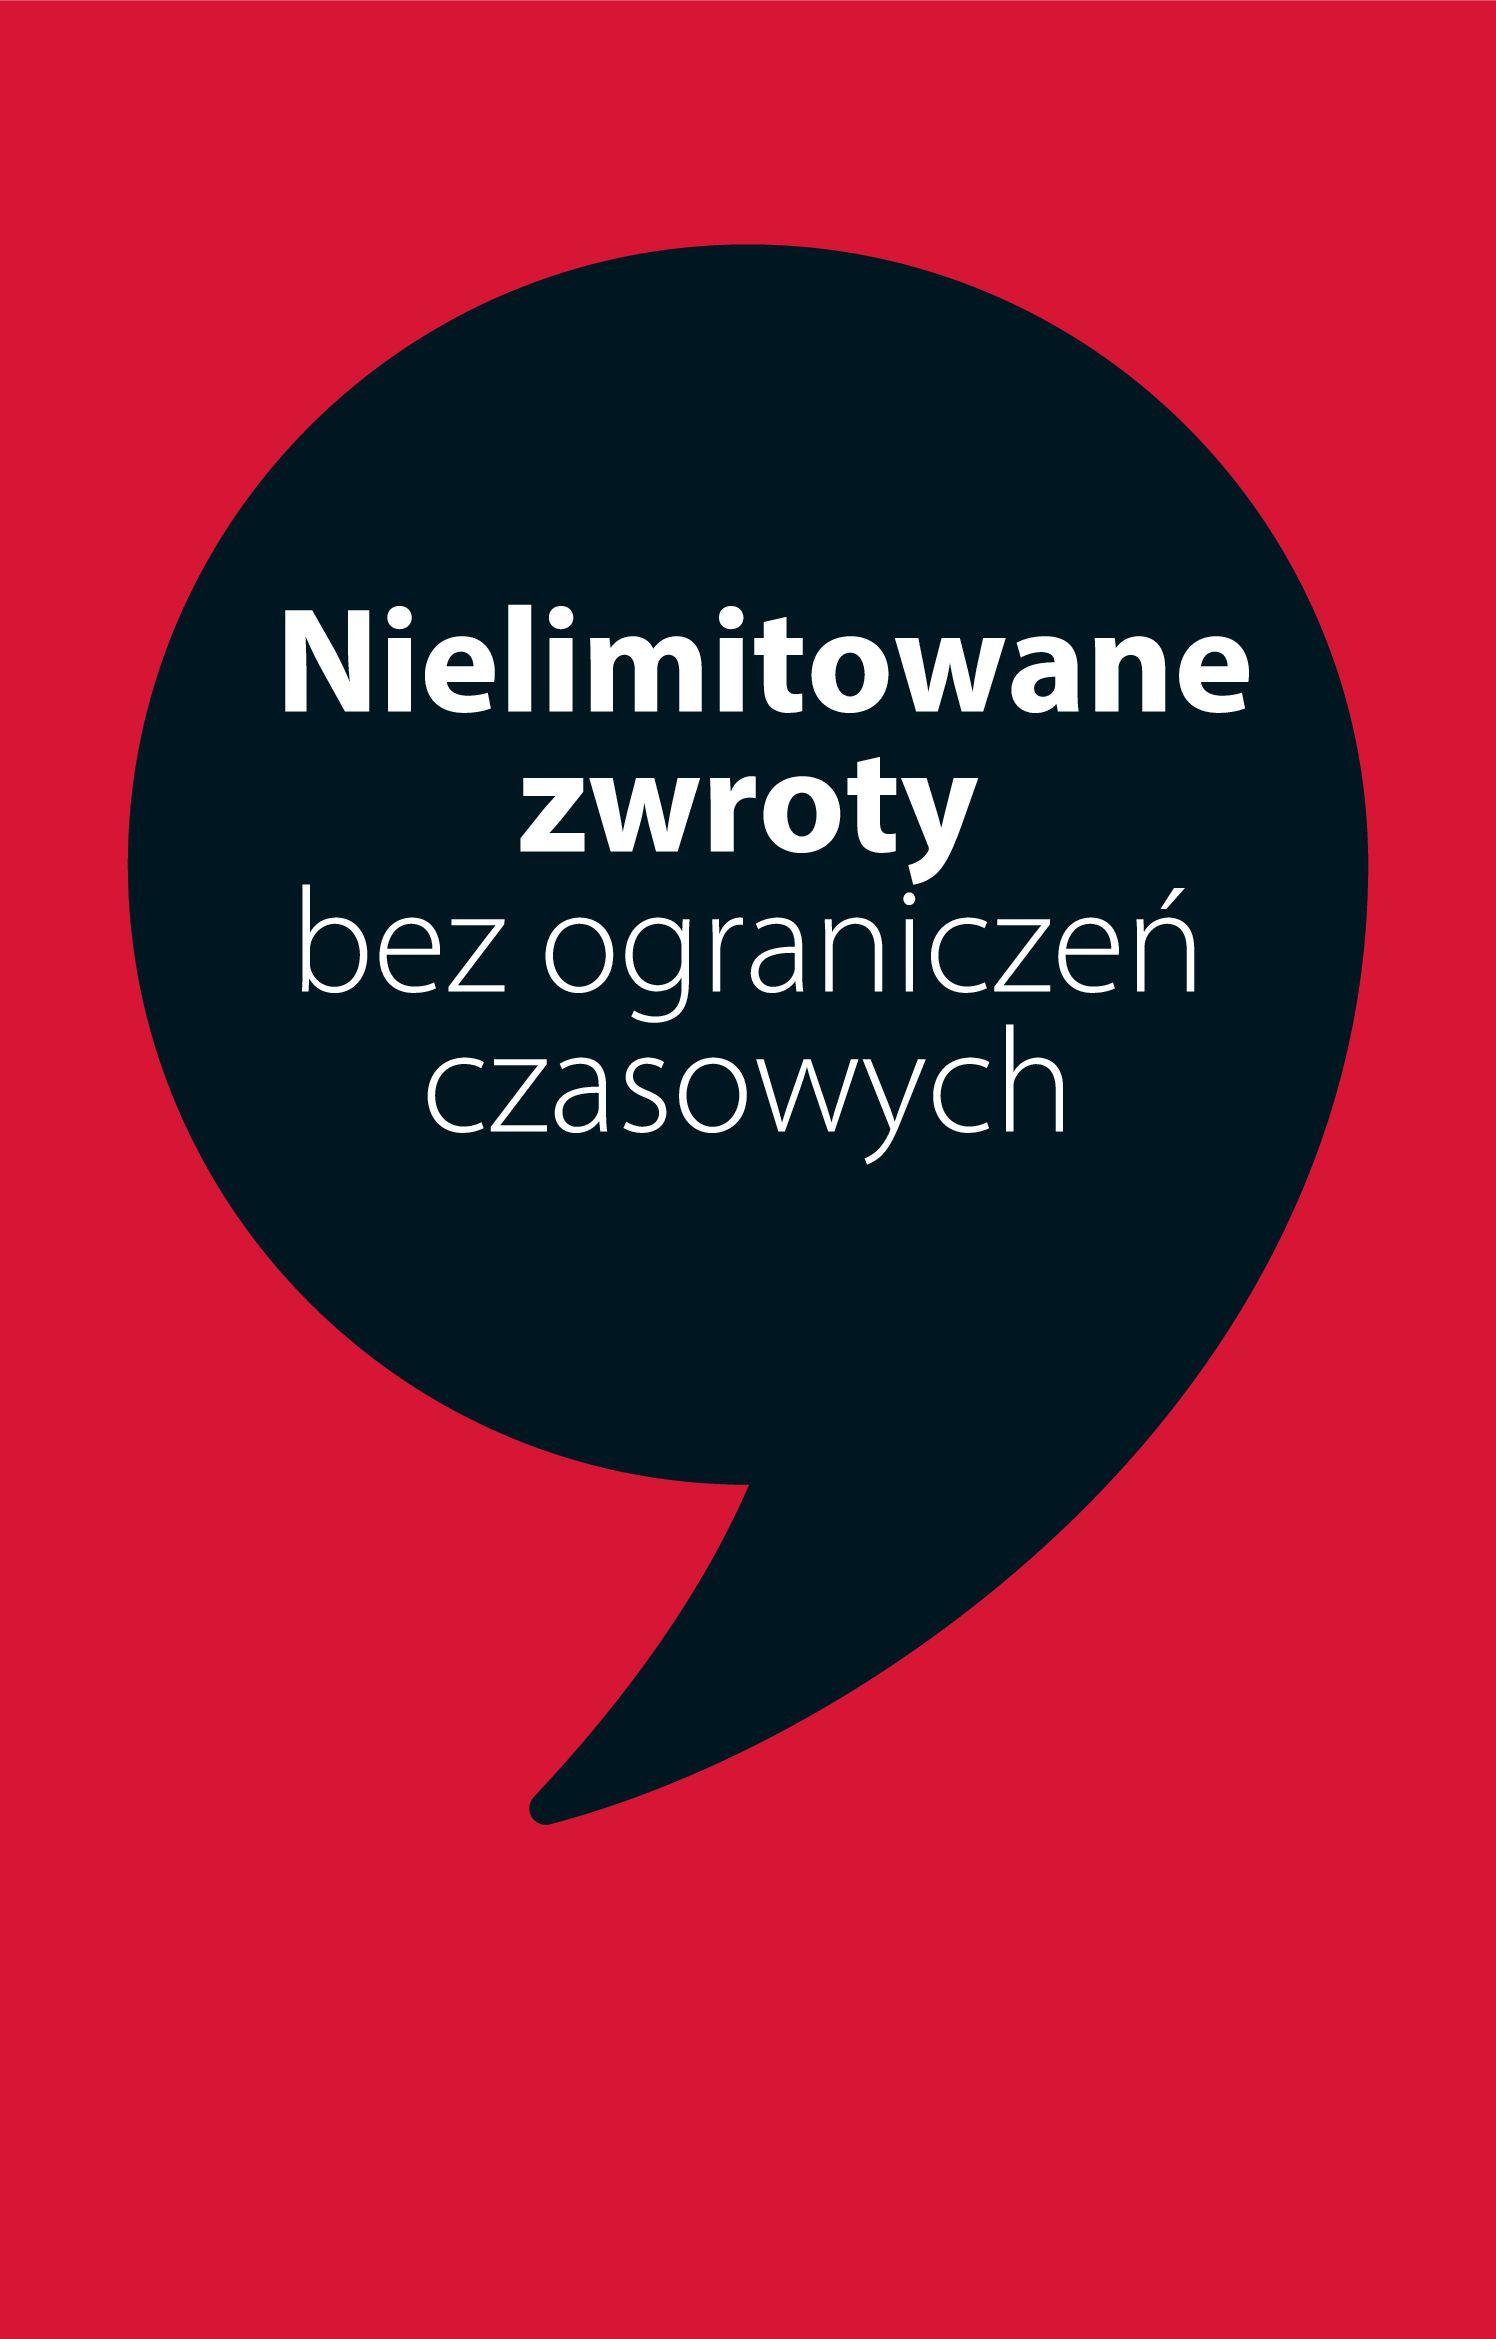 Gazetka Jysk - Oferta tygodnia-29.07.2020-12.08.2020-page-1